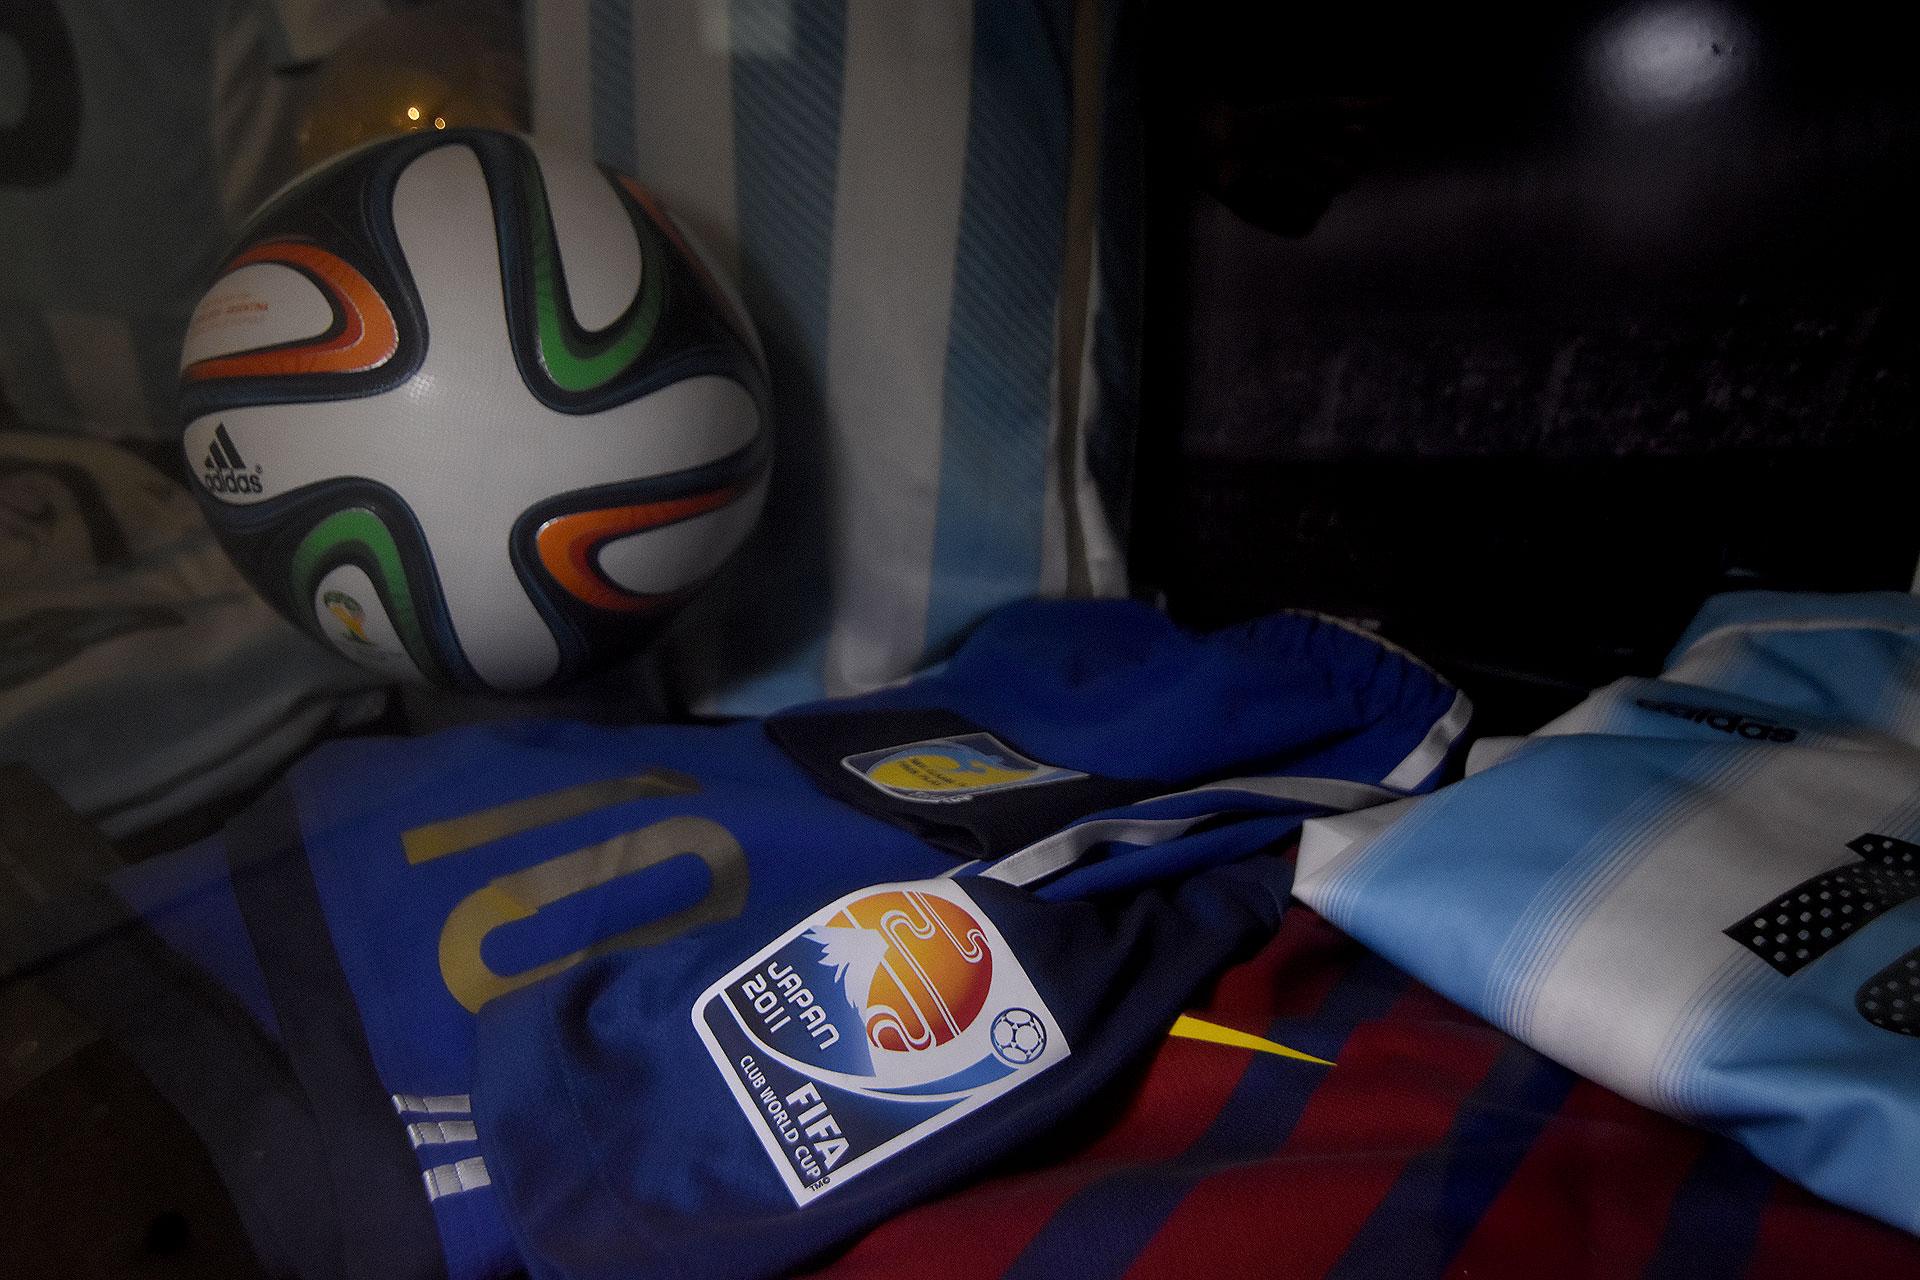 Pelota Adidas Brazuca (Mundial 2014), short azul alternativo de la Selección y la camiseta del Barcelona que usó en el Mundial de Clubes 2011 (Nicolas Stulberg)